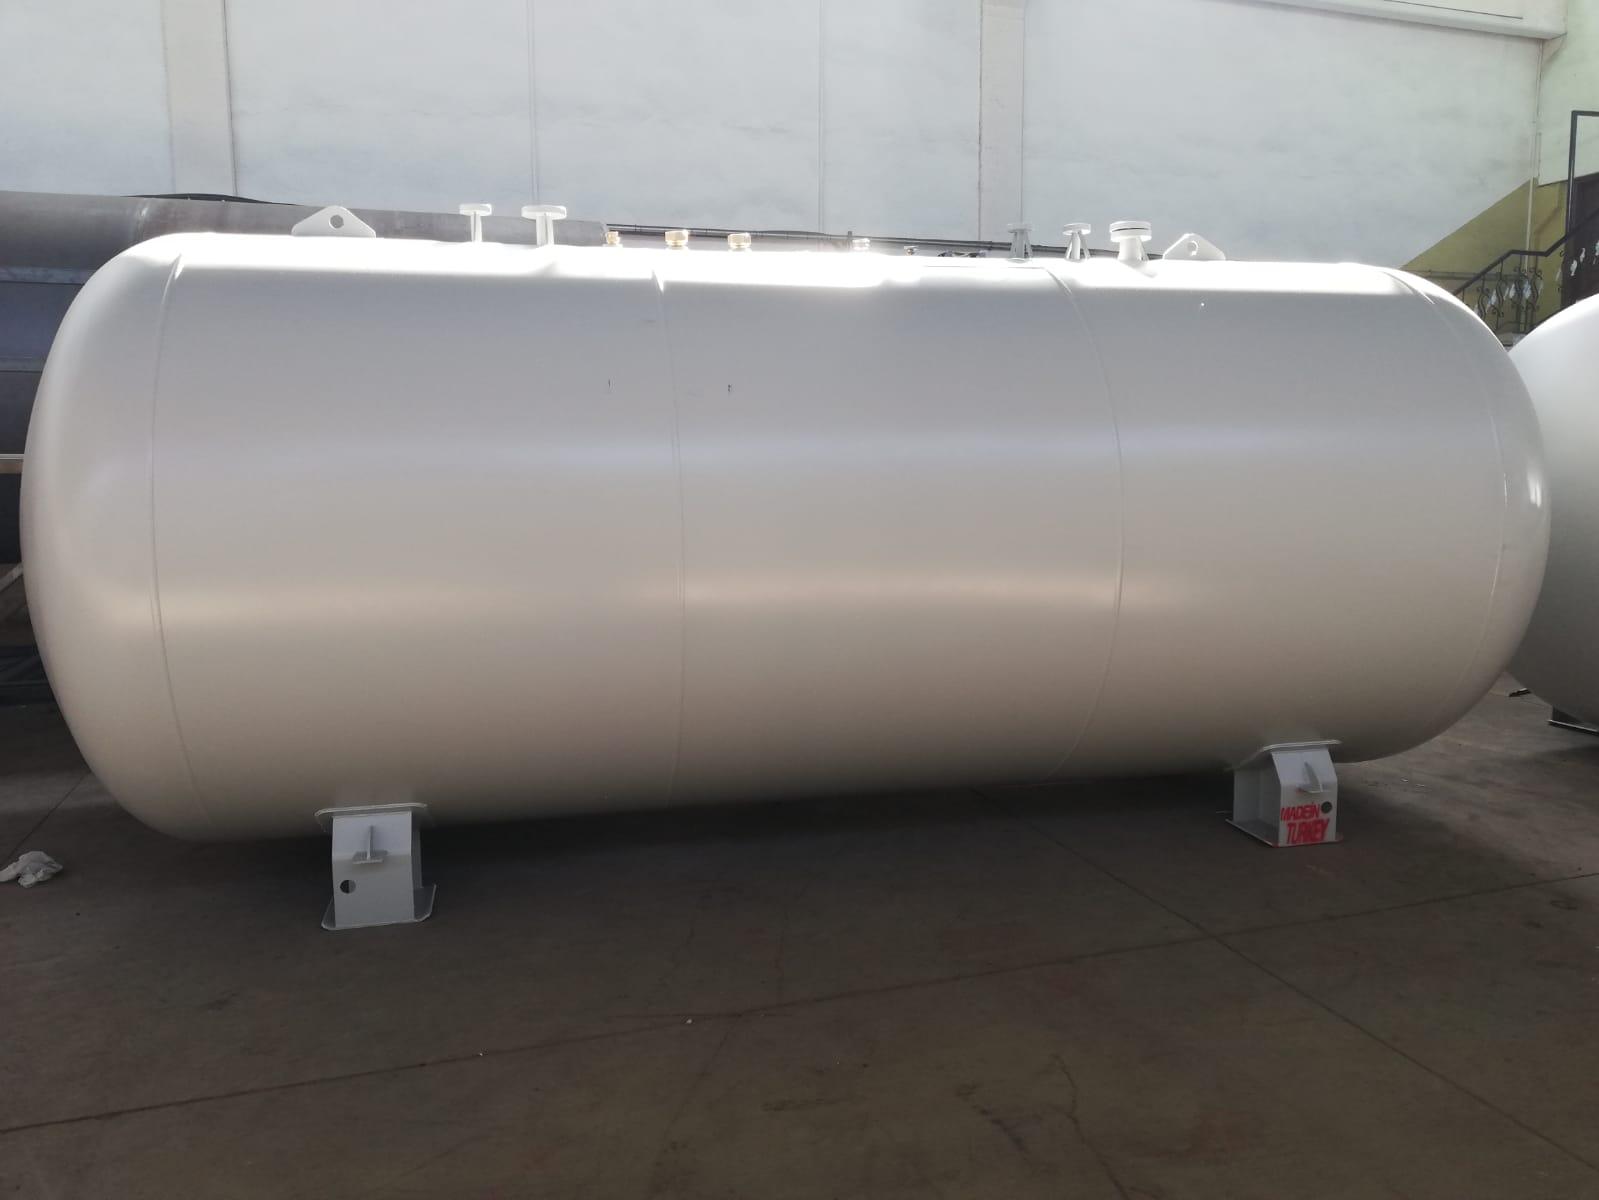 ETTGAS 20 M3 LPG STORAGE TANK UNDERGROUND WE SENT BANGLADESH